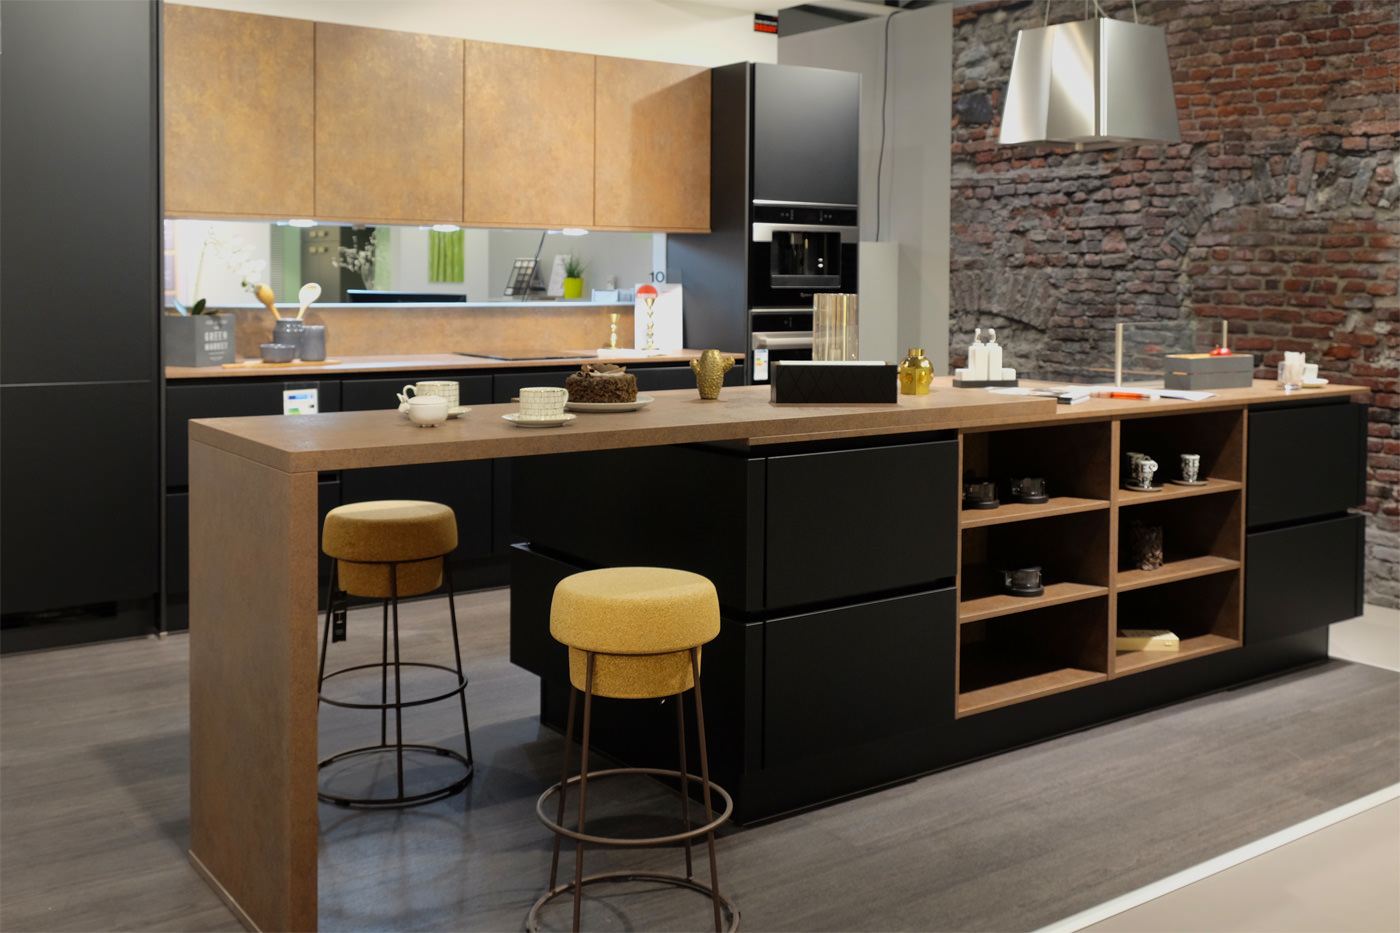 reddy k chen m lheim k rlich k chenm belherstellung. Black Bedroom Furniture Sets. Home Design Ideas